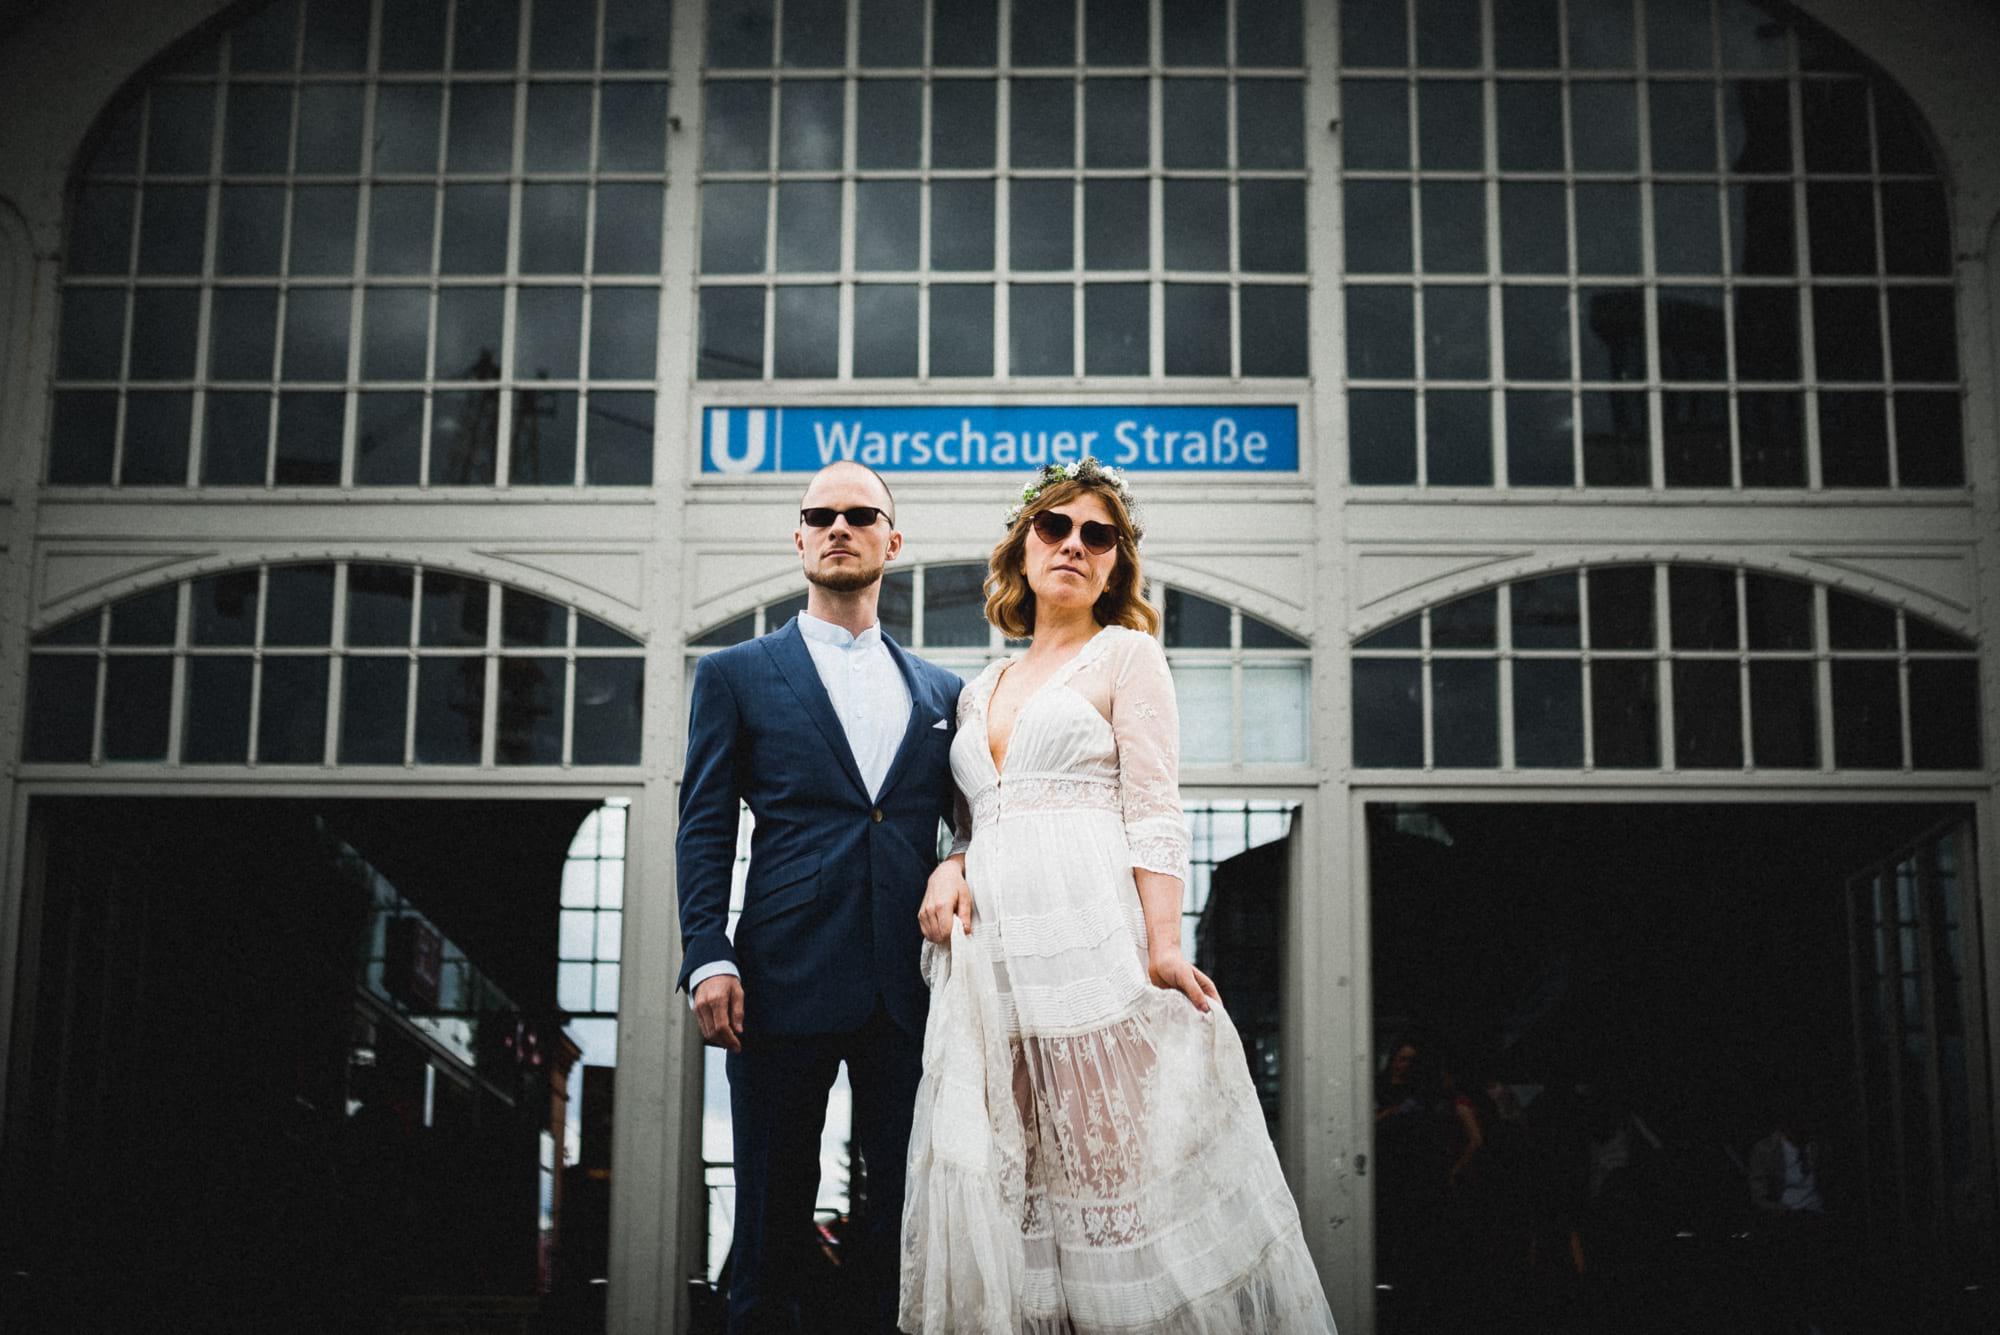 waltsmedia-hochzeitsreportage-sarah-und-marc-169